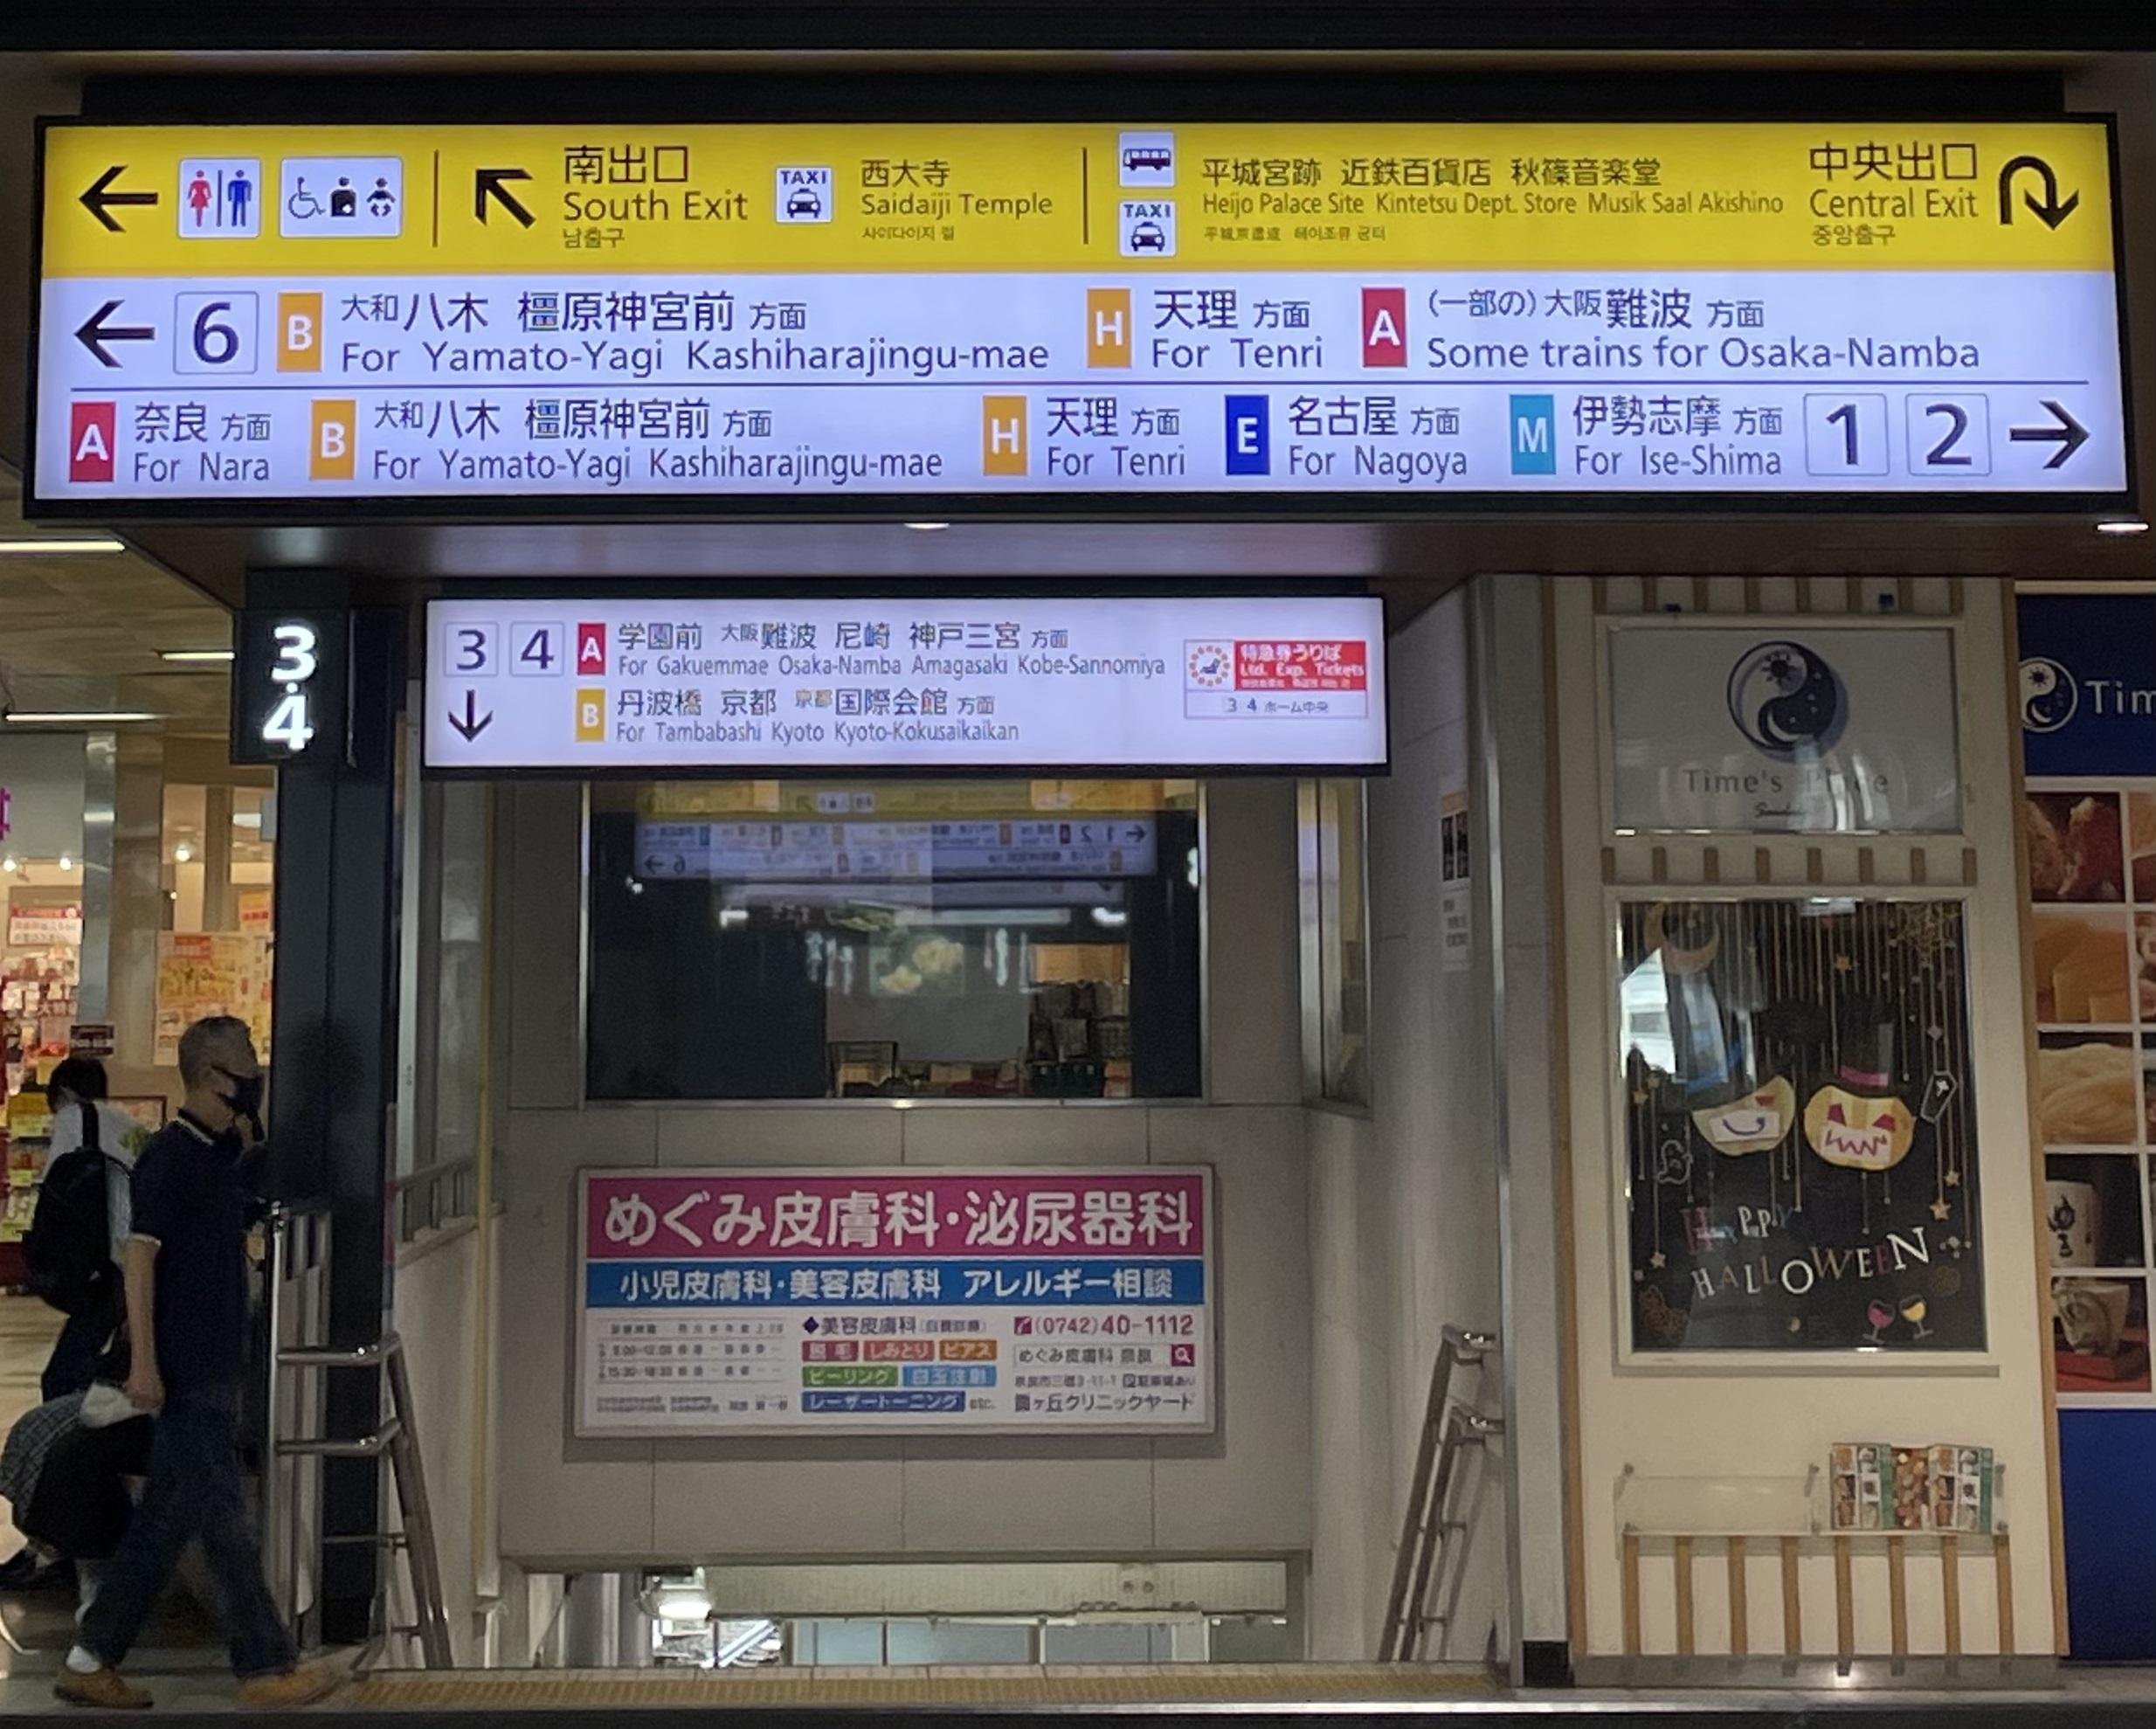 大和西大寺駅の案内板